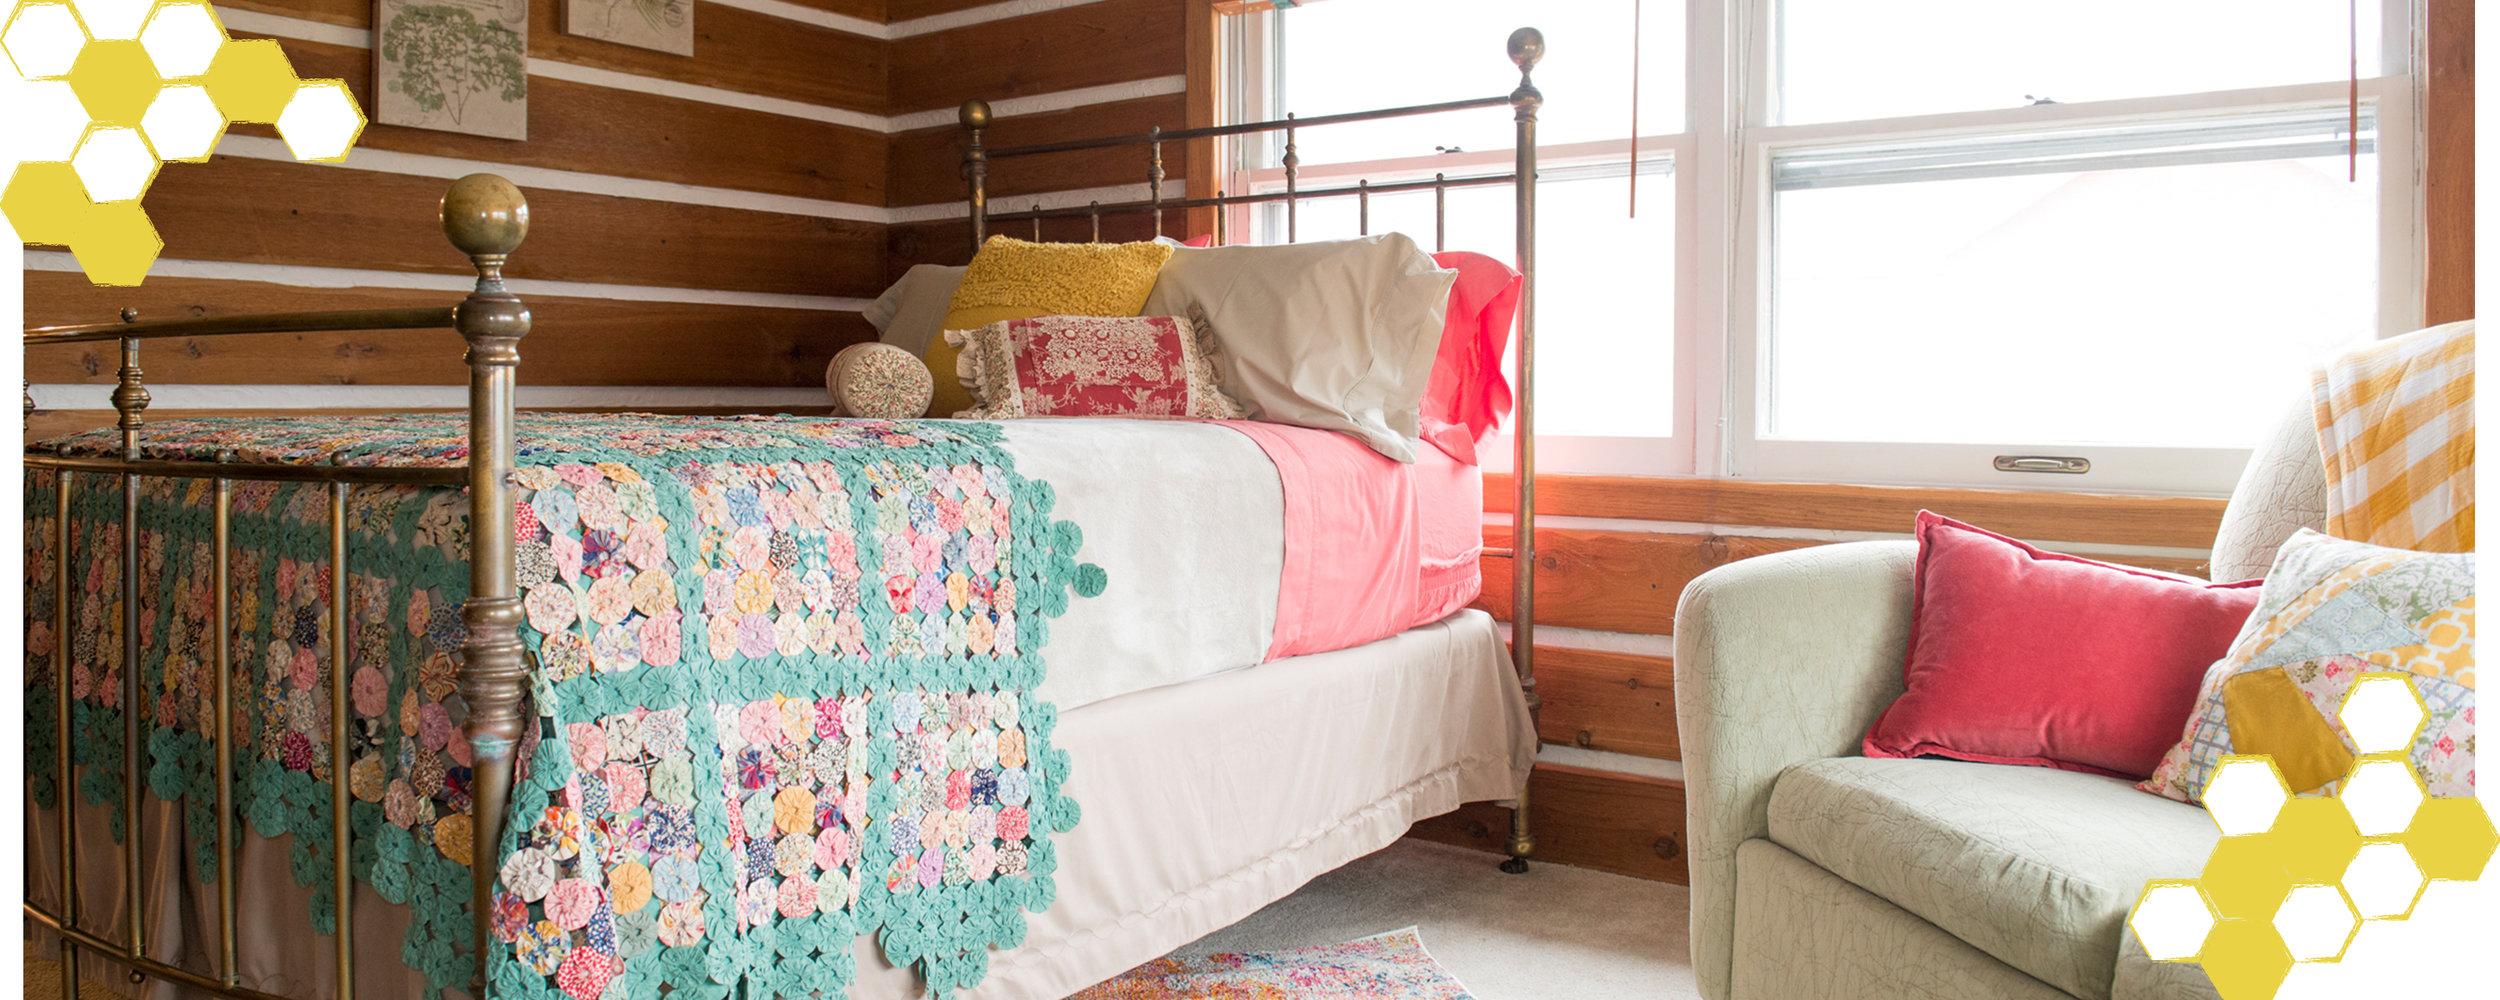 Sliders-BeesKnees-Bedroom1.jpg